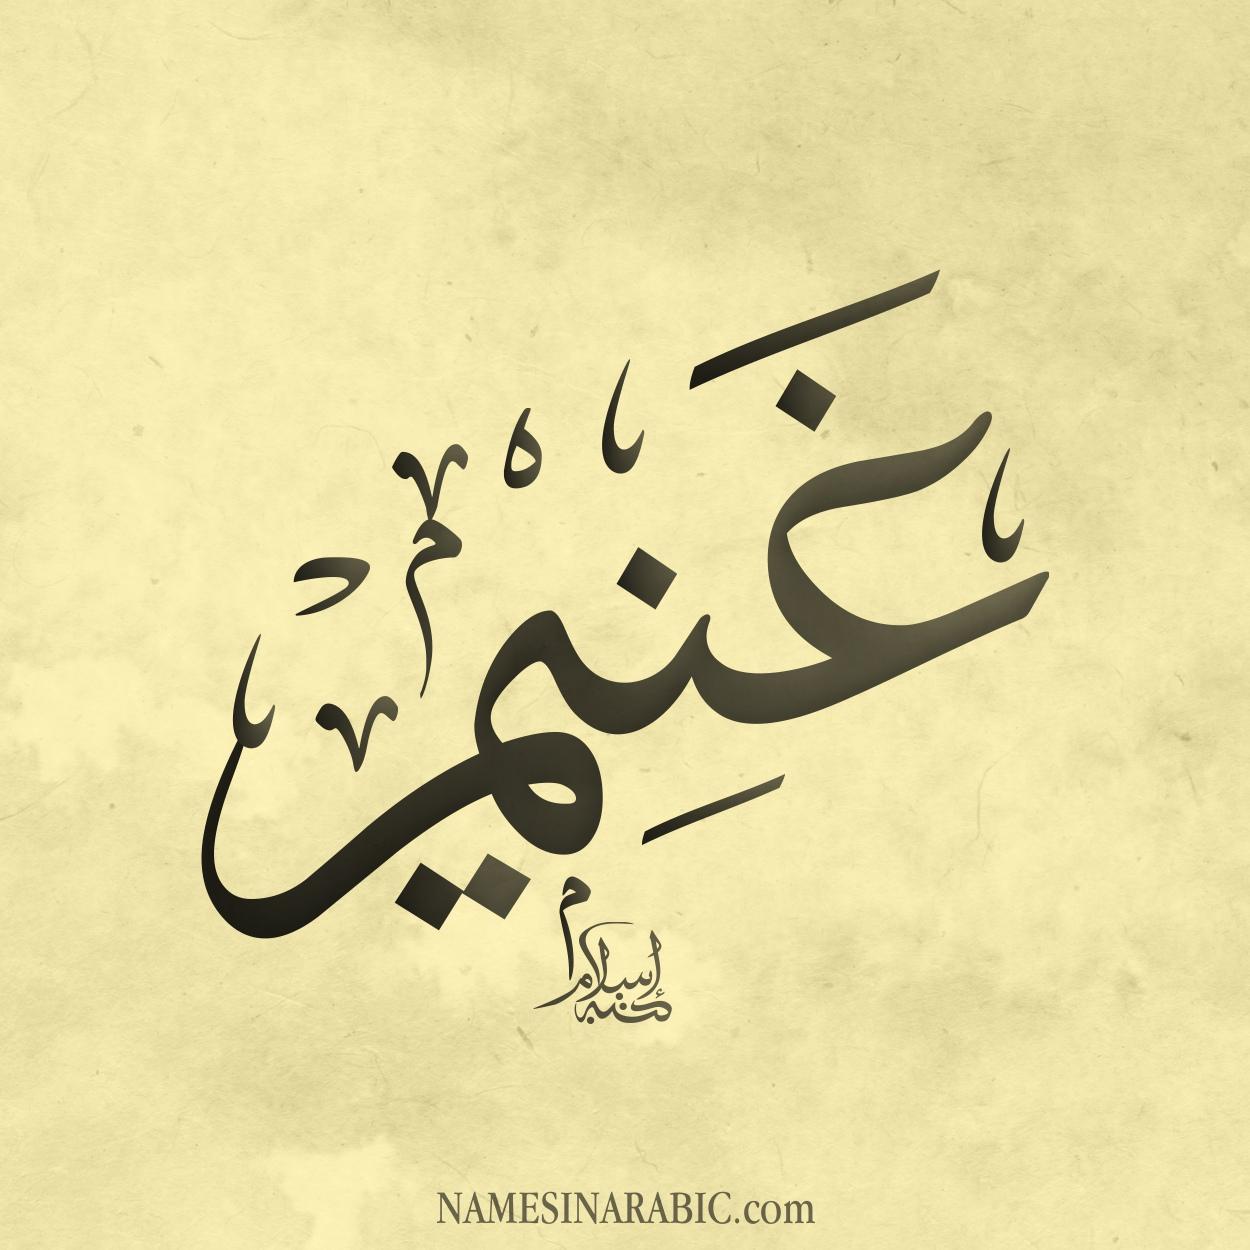 صورة اسم غُنَيم GHONAIM اسم غُنَيم بالخط العربي من موقع الأسماء بالخط العربي بريشة الفنان إسلام ابن الفضل